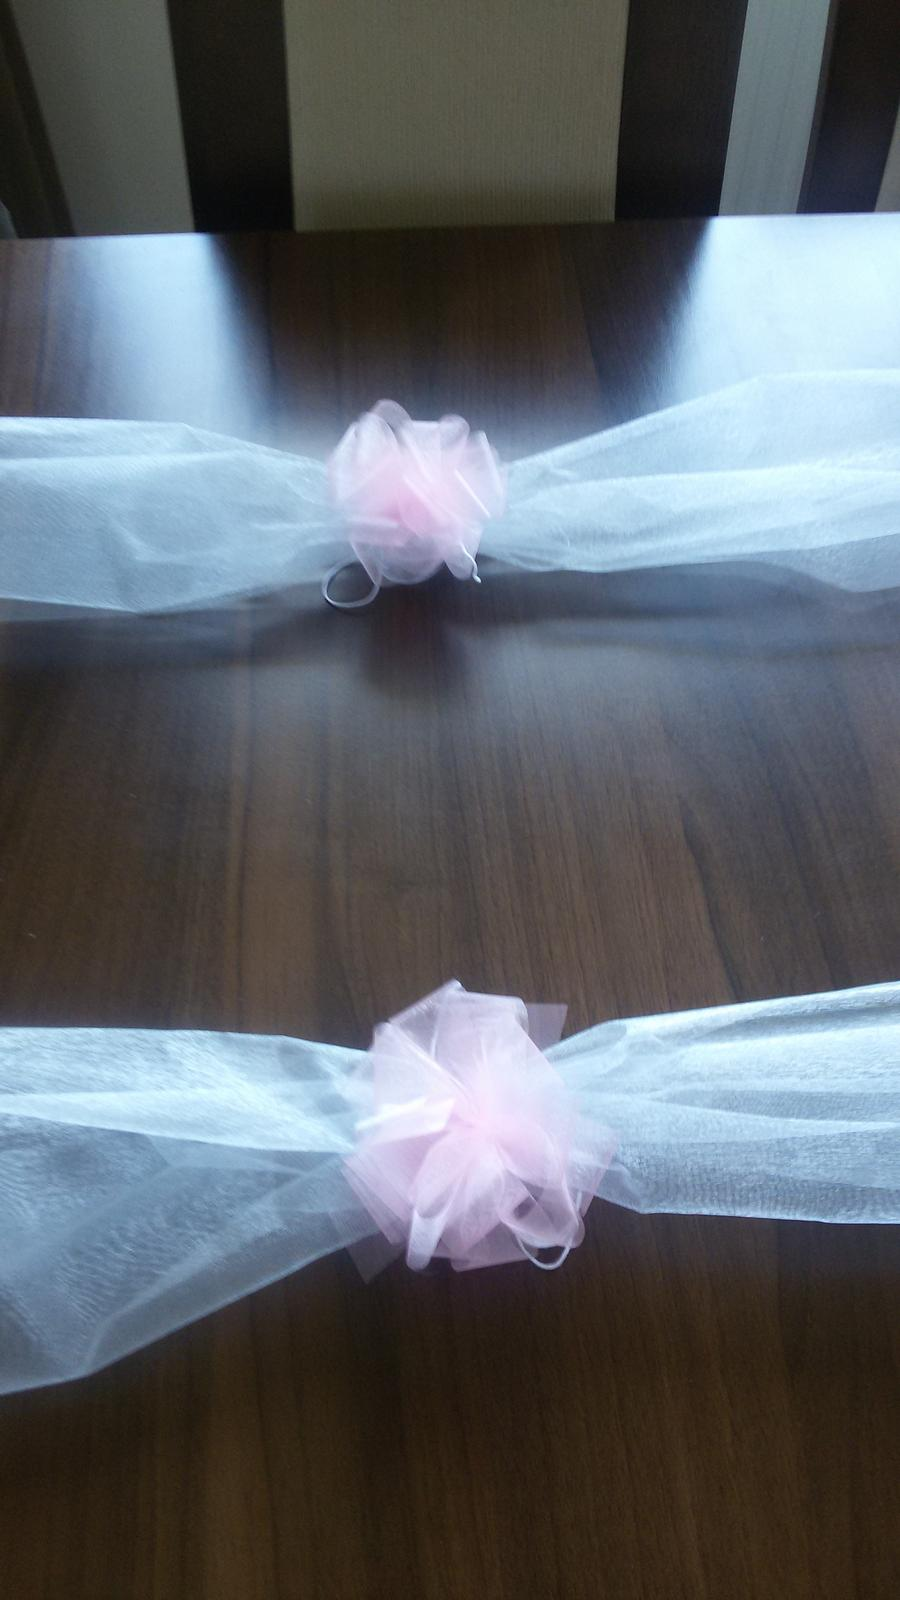 Šerpa na auto nevěsty/ženicha - Obrázek č. 3